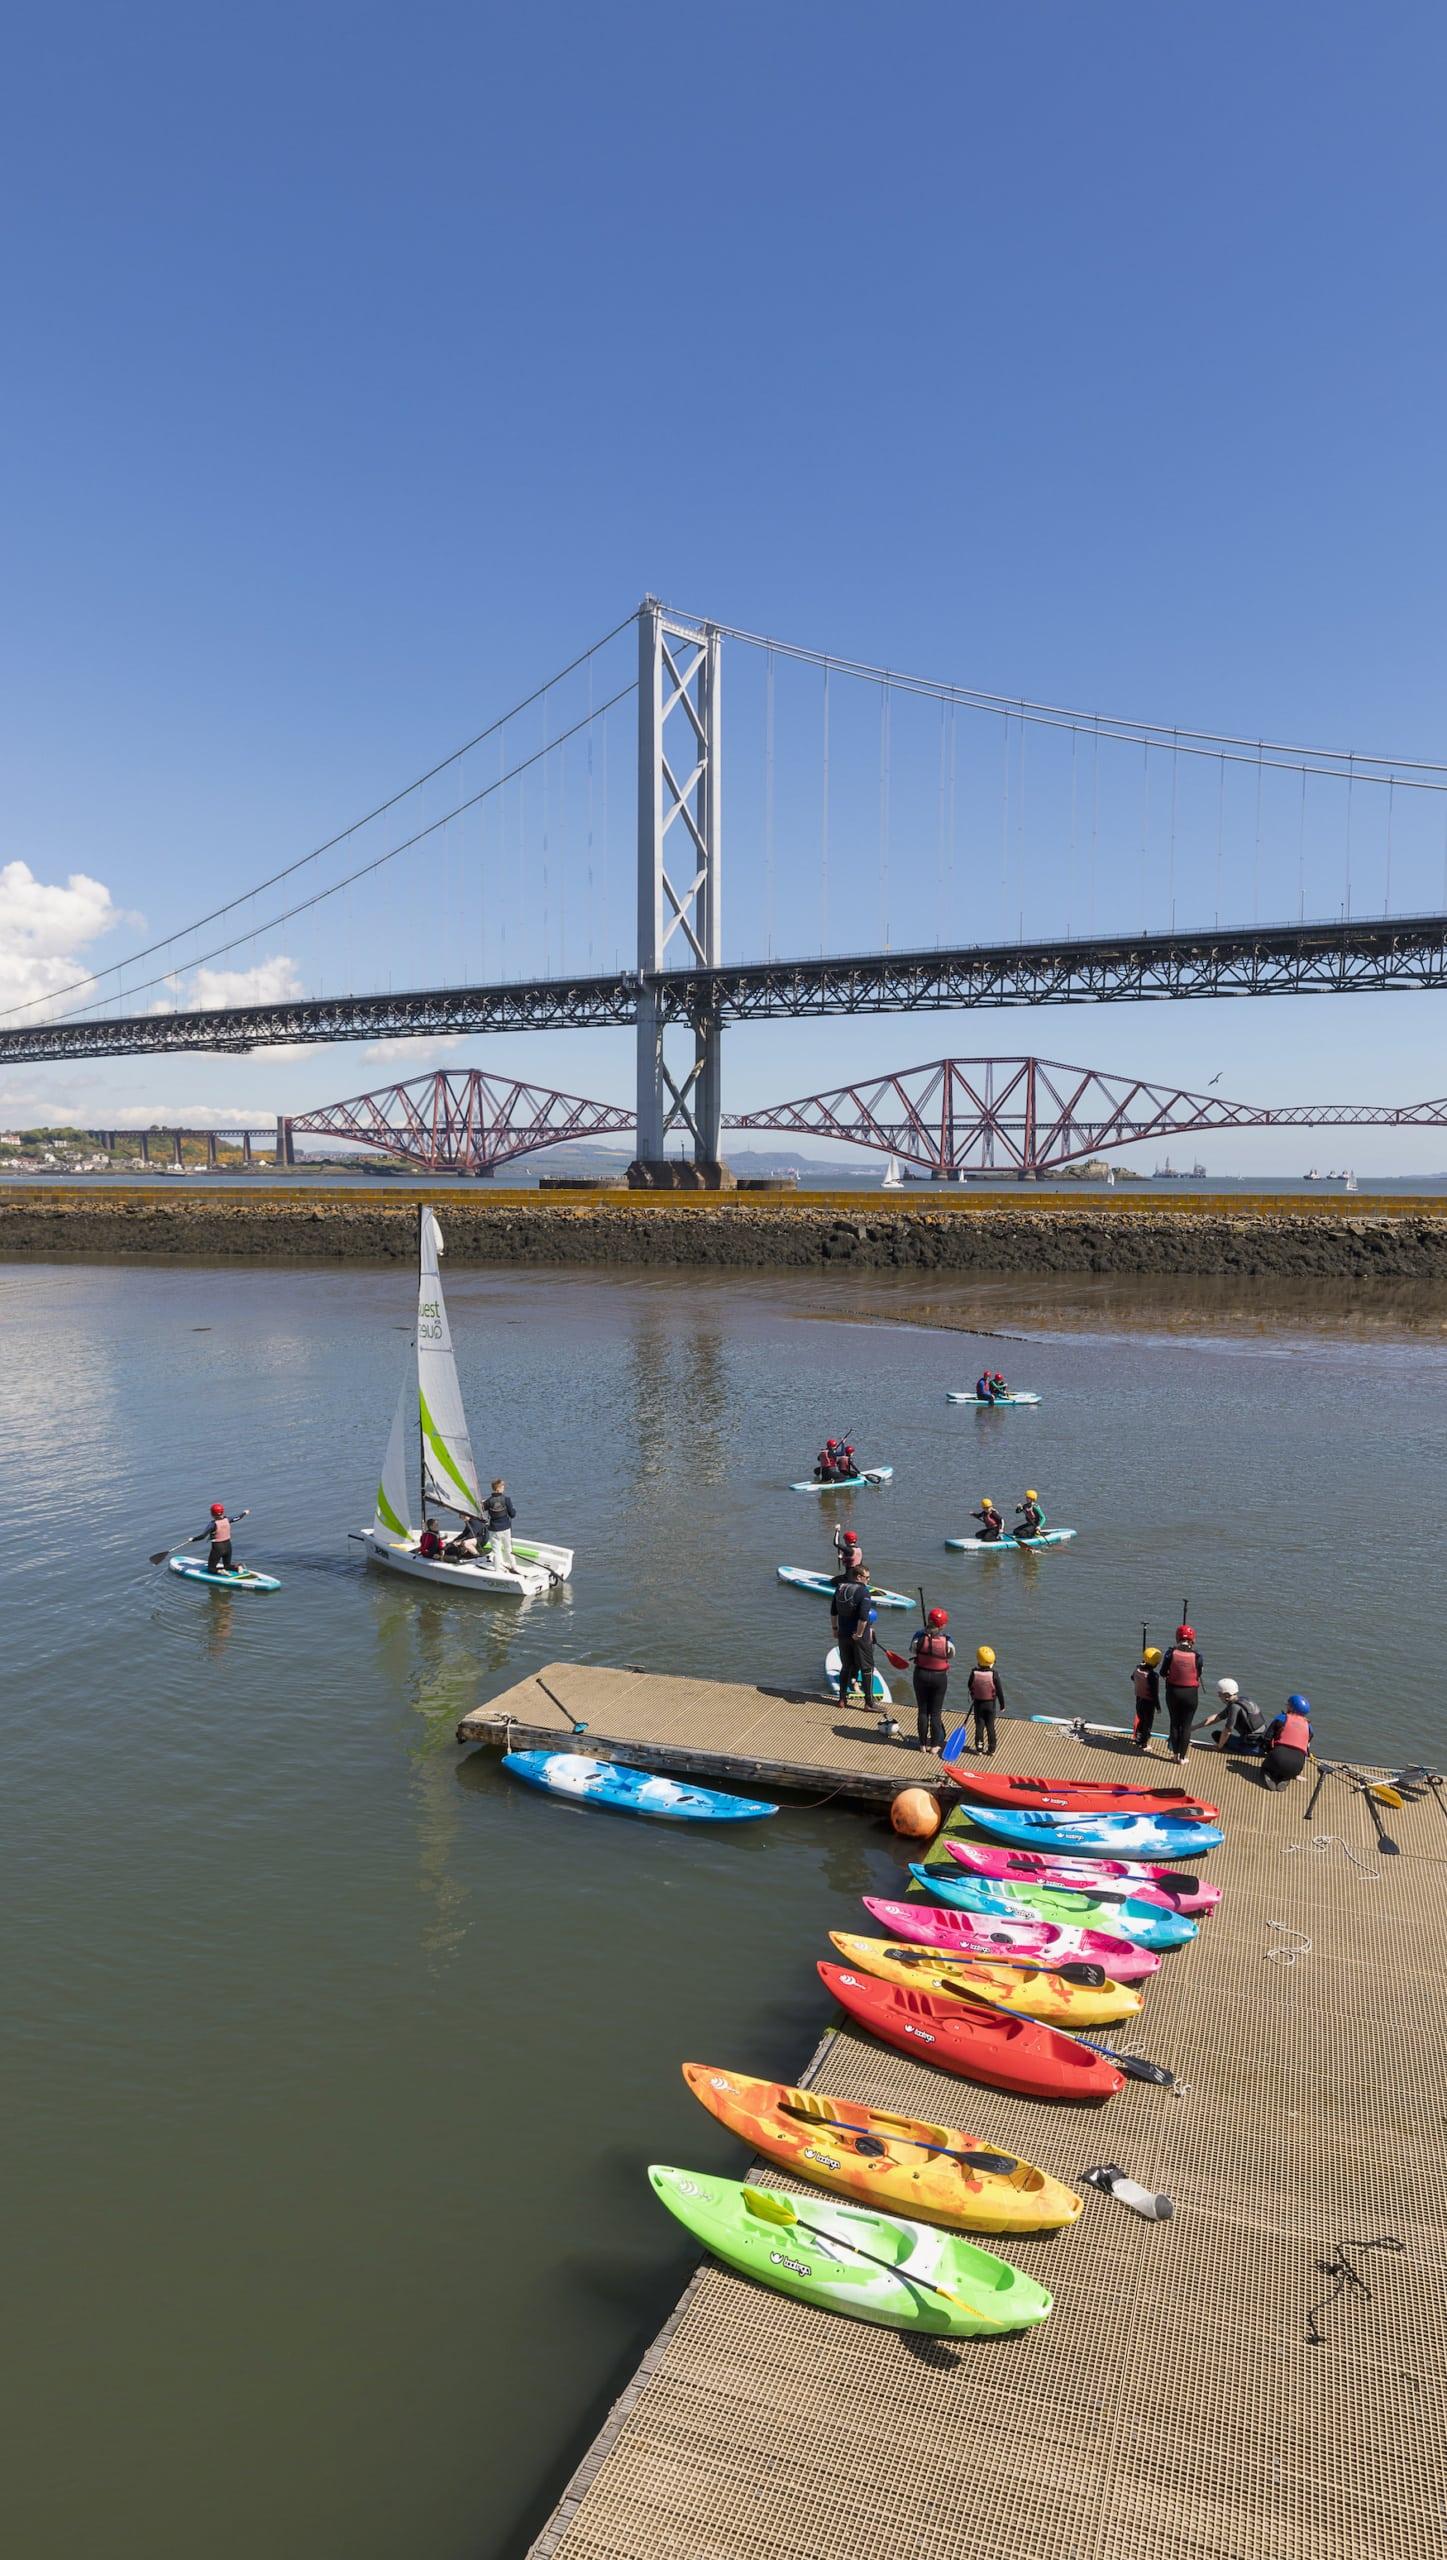 Port Edgar ist ein Yachthafen am südlichen Ufer des Firth of Forth, in der Stadt South Queensferry, in West Lothian